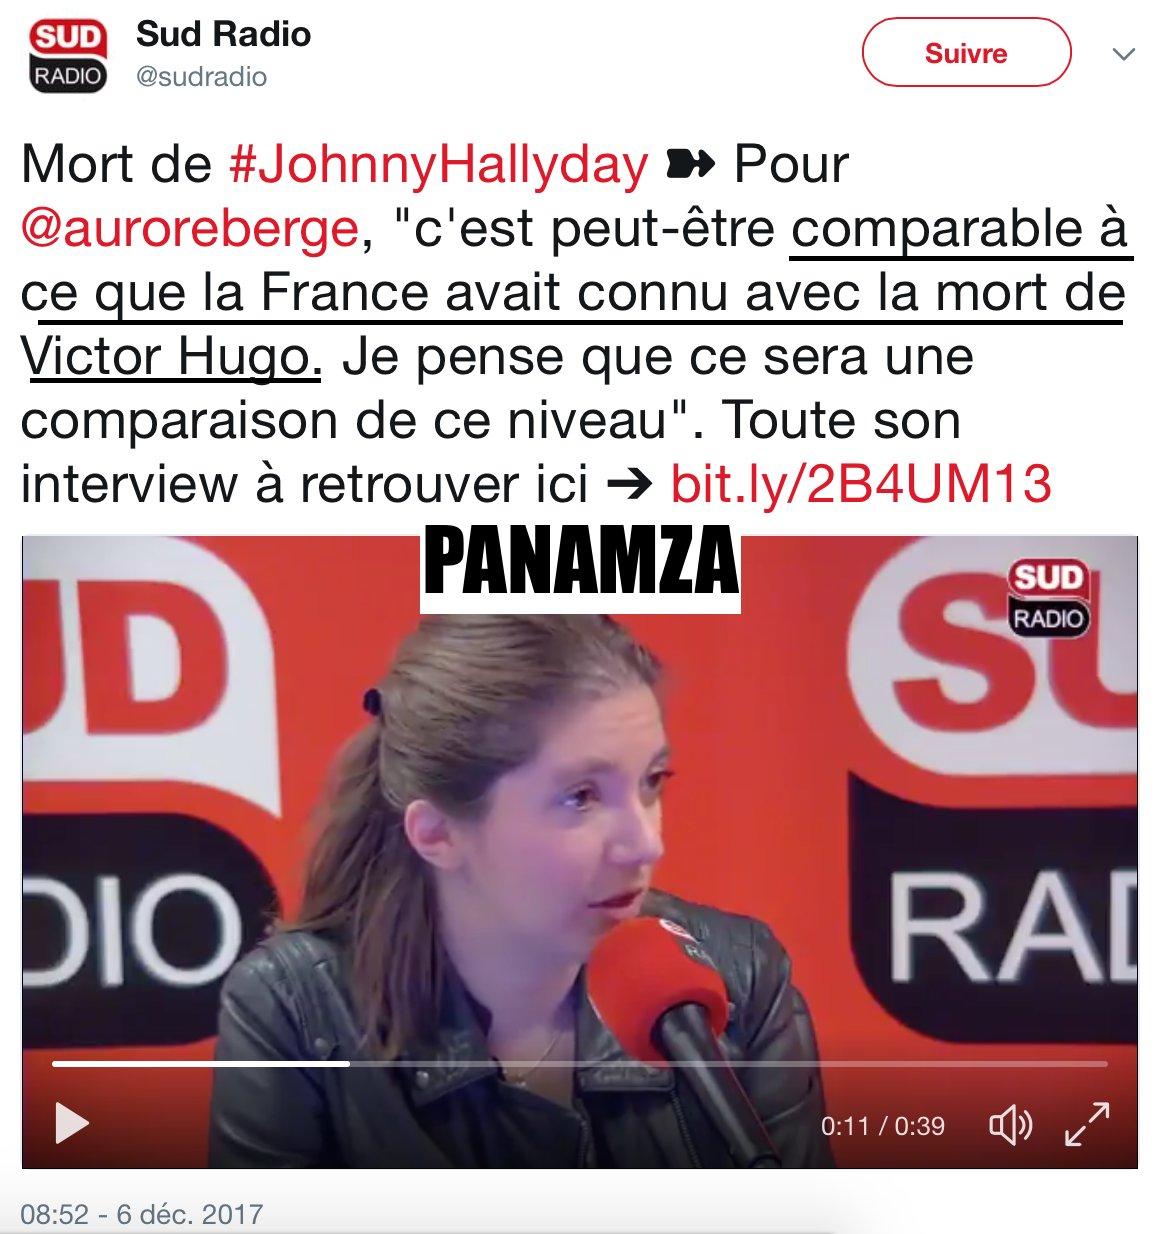 Médaille d'or du ridicule : la députée Aurore Bergé comparant la mort de Johnny Halliday à celle de Victor Hugo